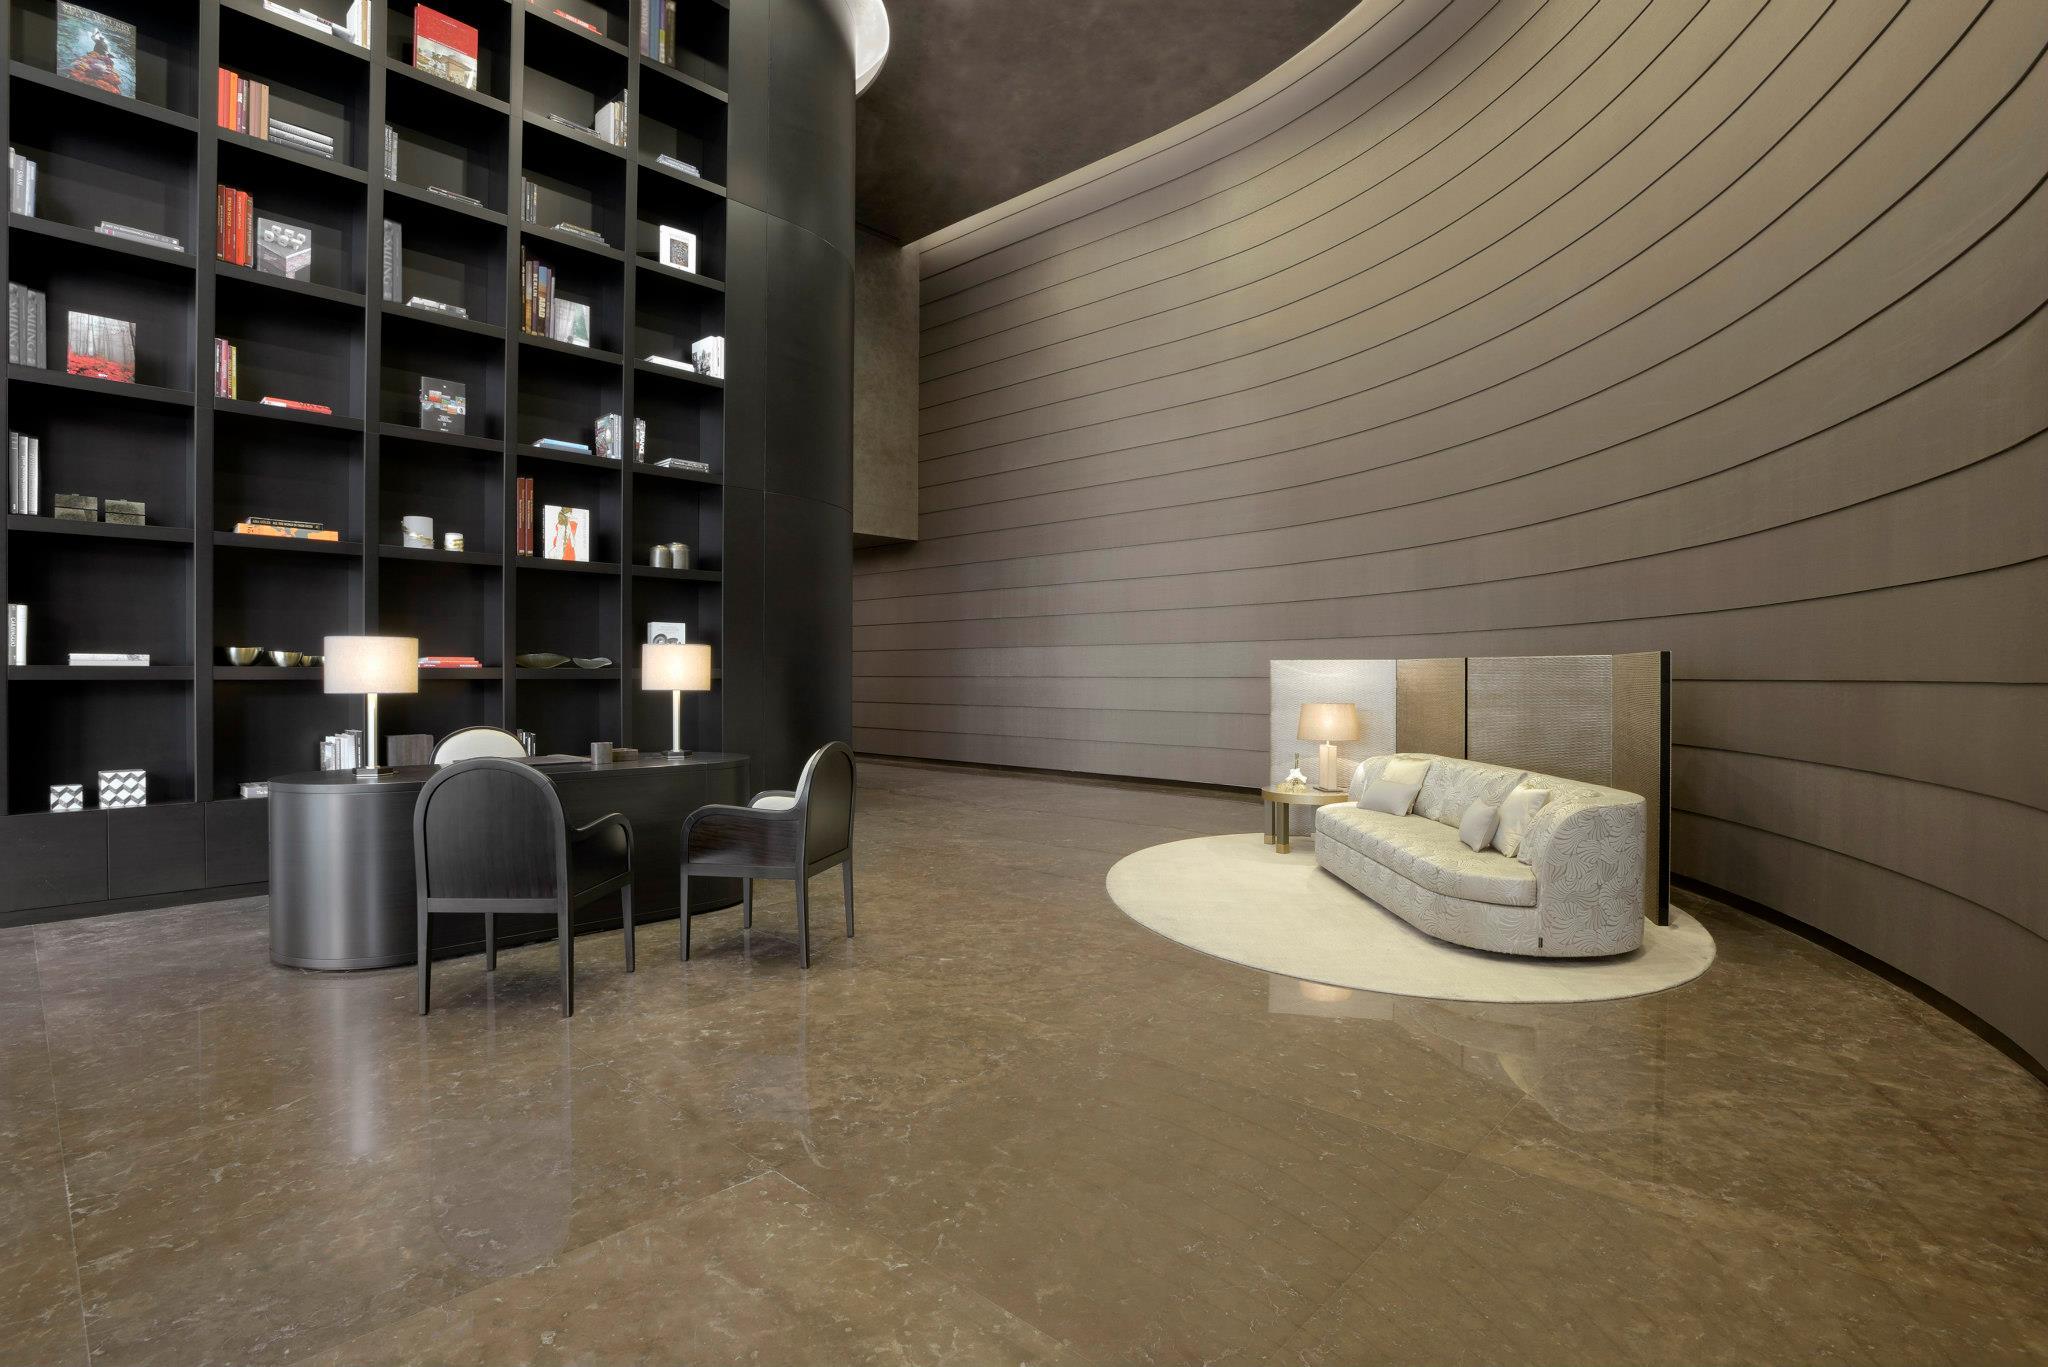 Ma ka residences interior design by armanicasa 72luxury2 com for Interior design casa